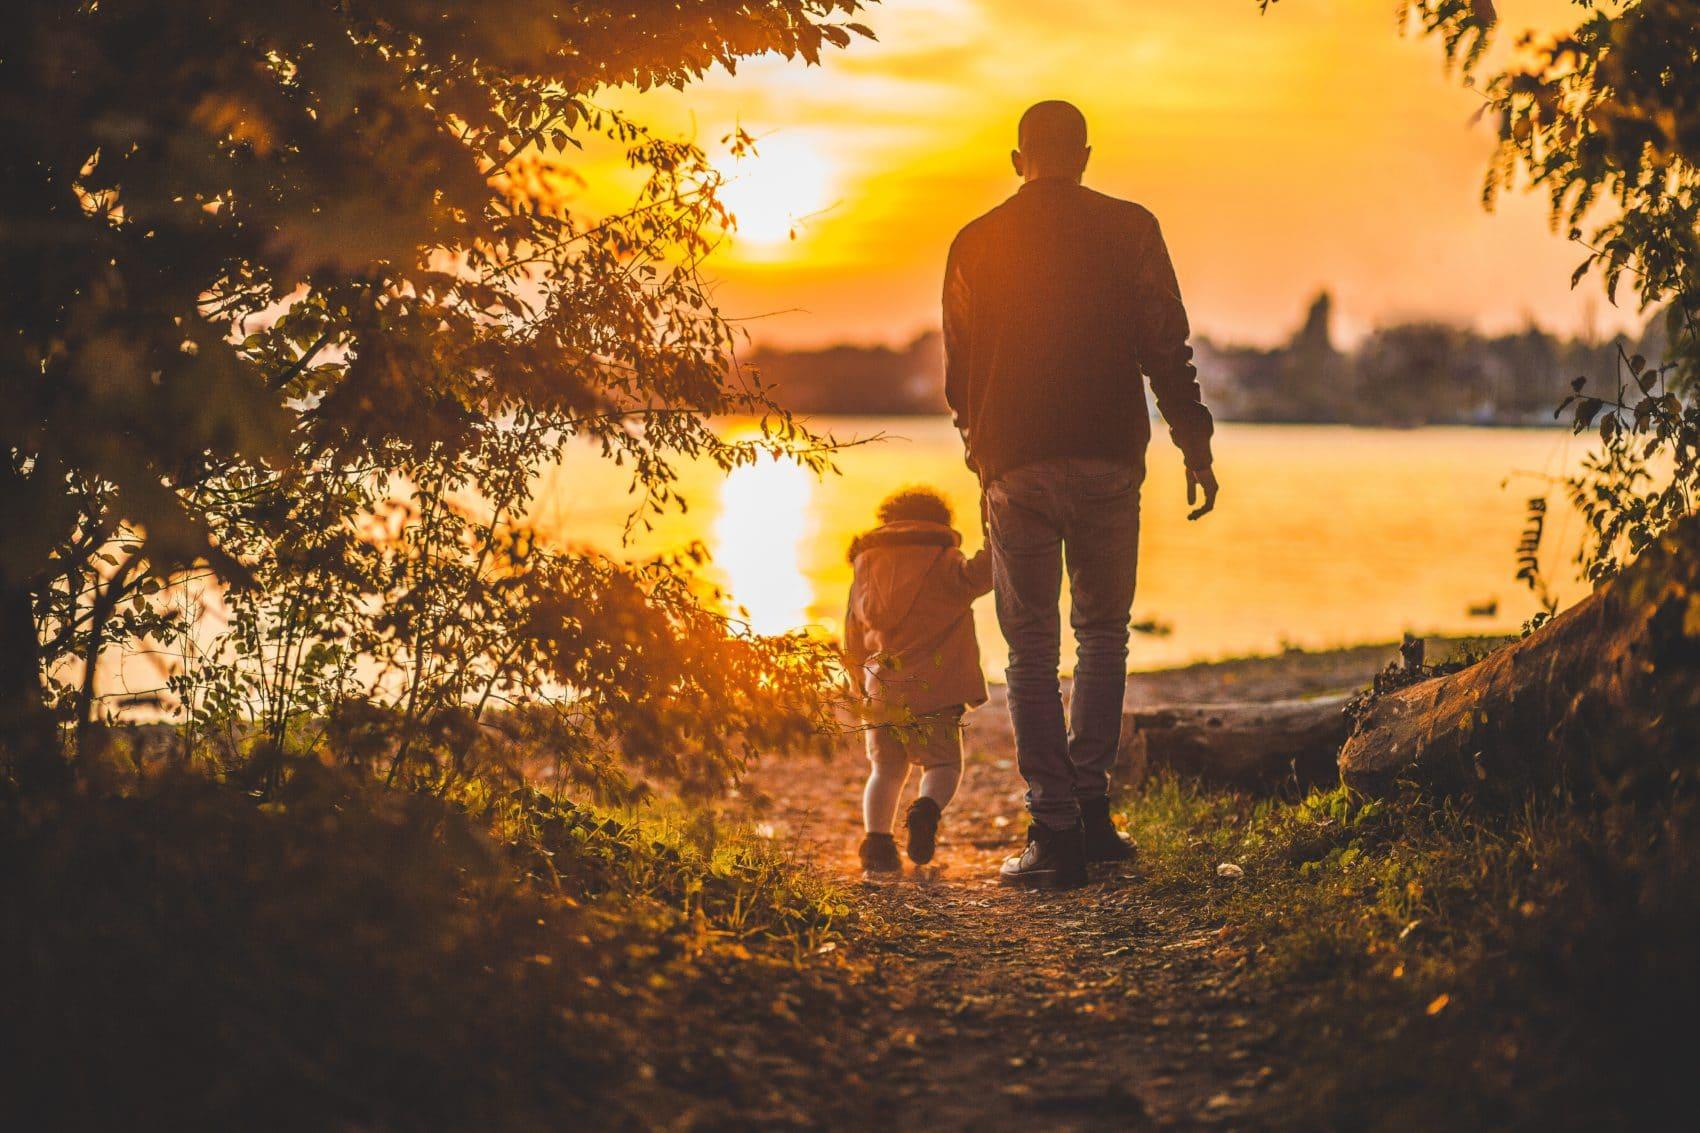 5 Lời Khuyên Để Nói Chuyện Với Con Về Biến Đổi Khí Hậu Mà Không Làm Con Sợ